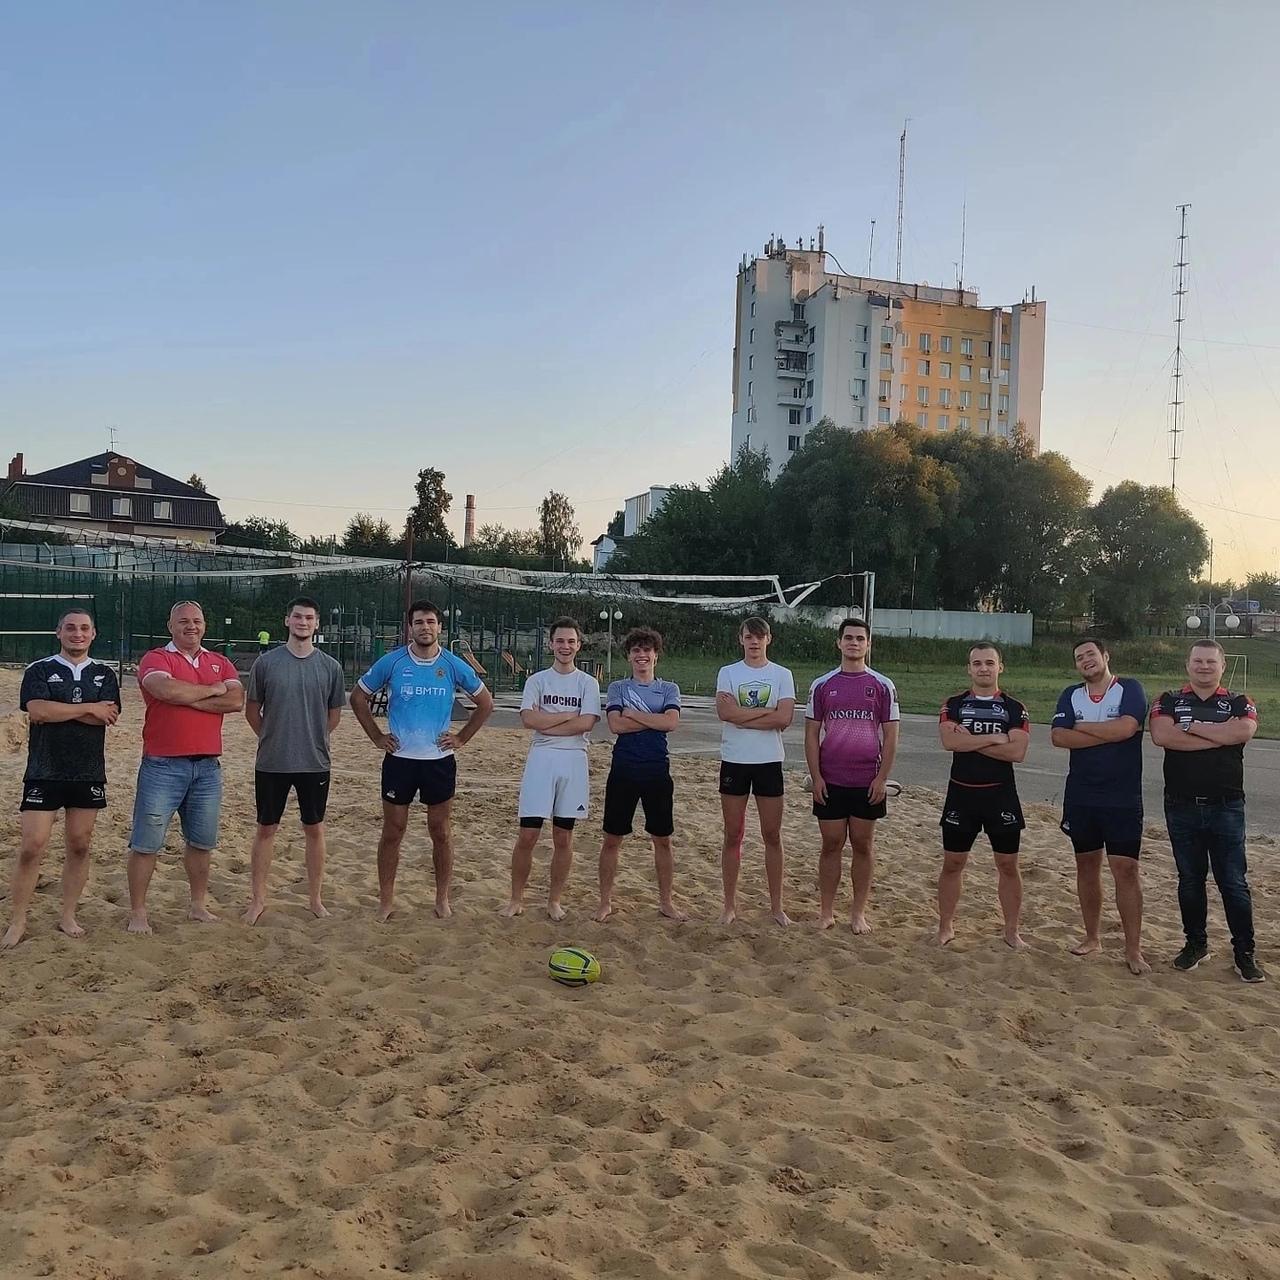 Команда из Марий Эл готовится к финалу Чемпионата РФ по пляжному регби